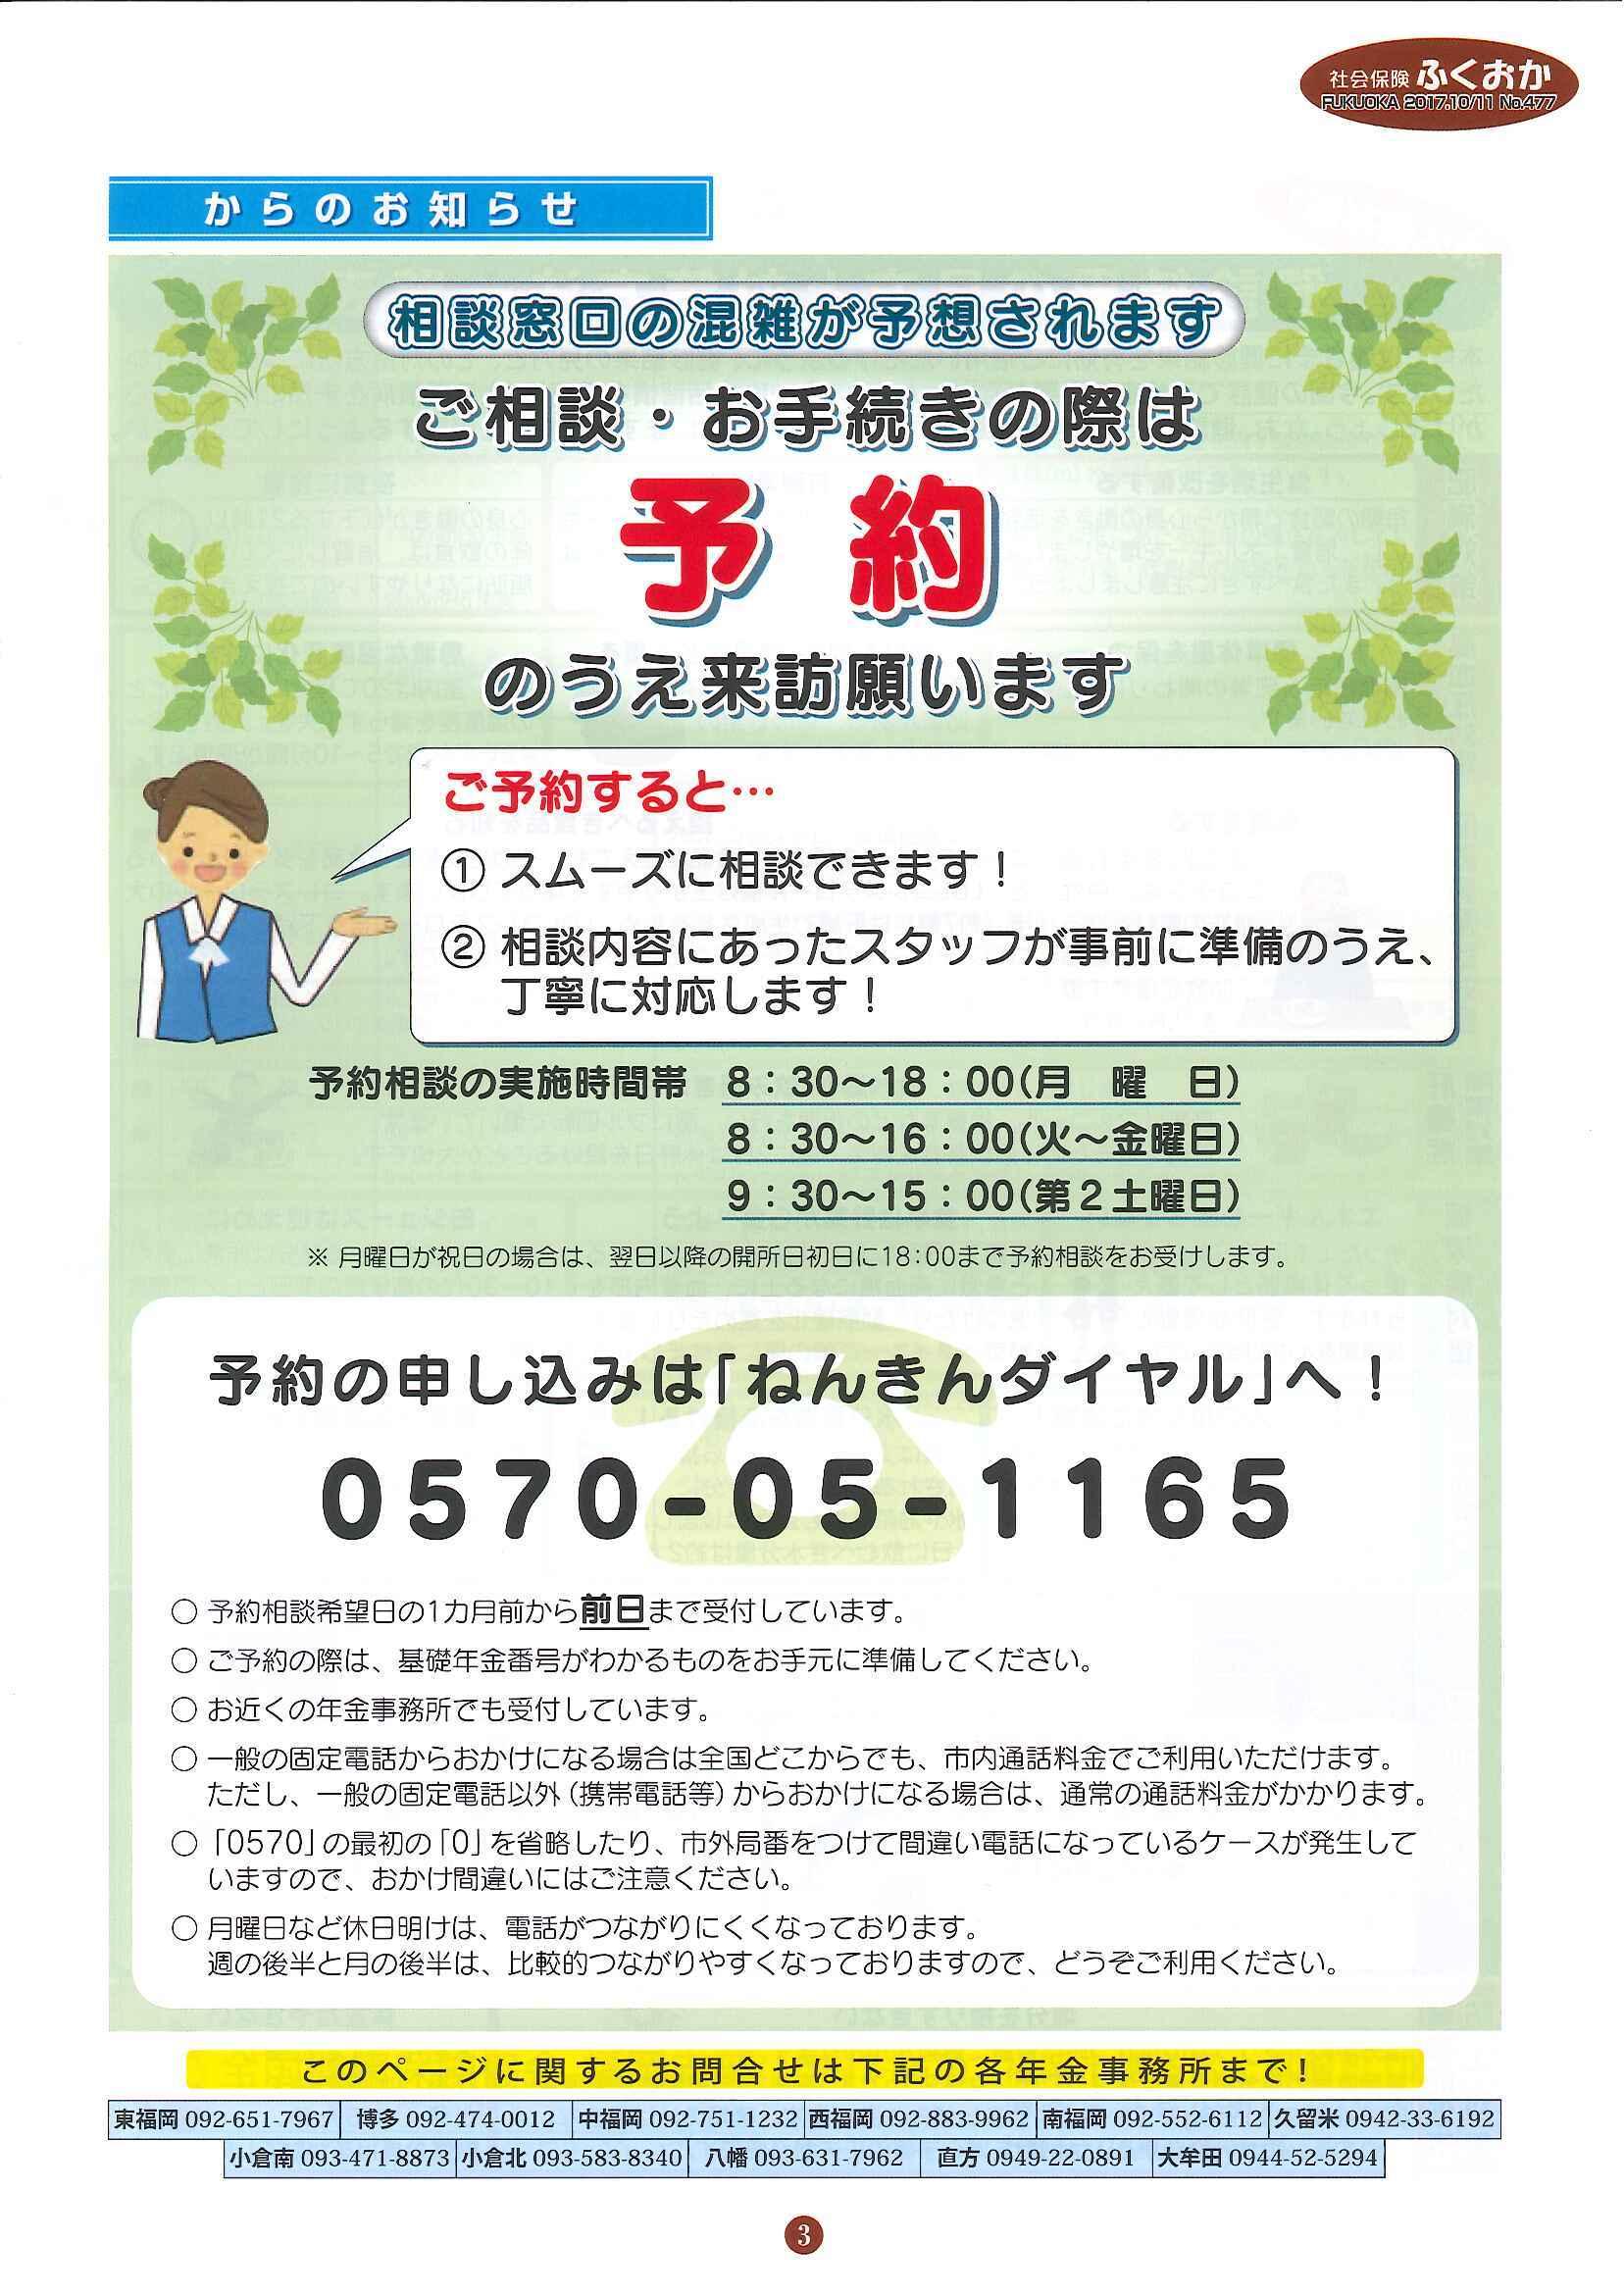 社会保険 ふくおか 2017年10・11月号_f0120774_12321875.jpg